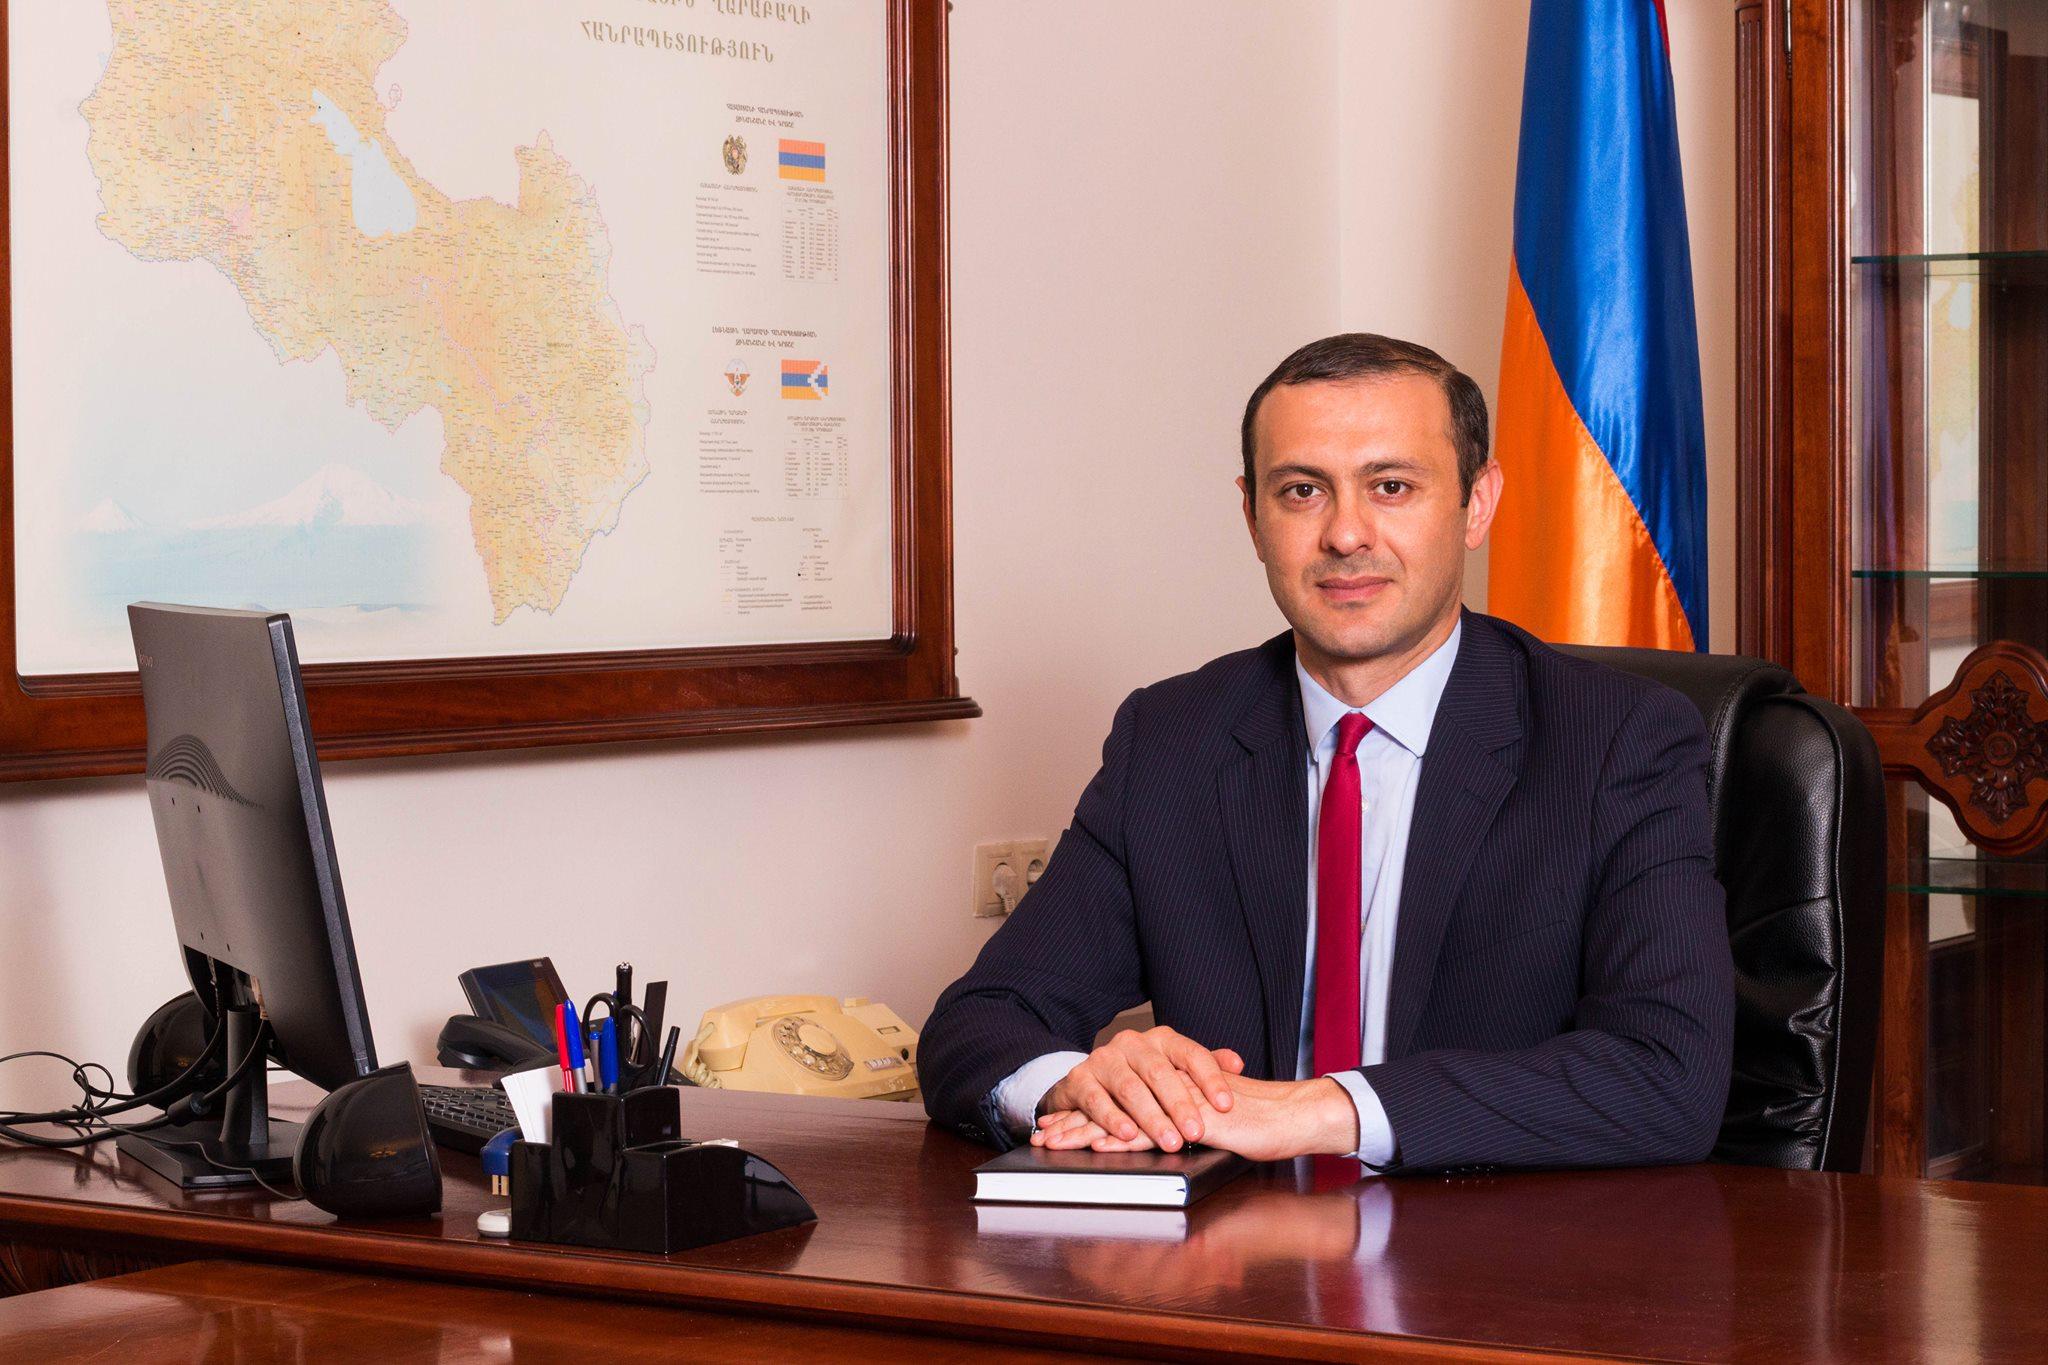 Photo of Վստահ եմ, որ  ղարաբաղյան հակամարտության և մեզ համար արդիական հանդիսացող տարածաշրջանային այլ խնդիրների կարգավորումը թույլ կտան մոտ ապագայում  կառուցել հիրավի զարգացող և հզոր Հայաստան